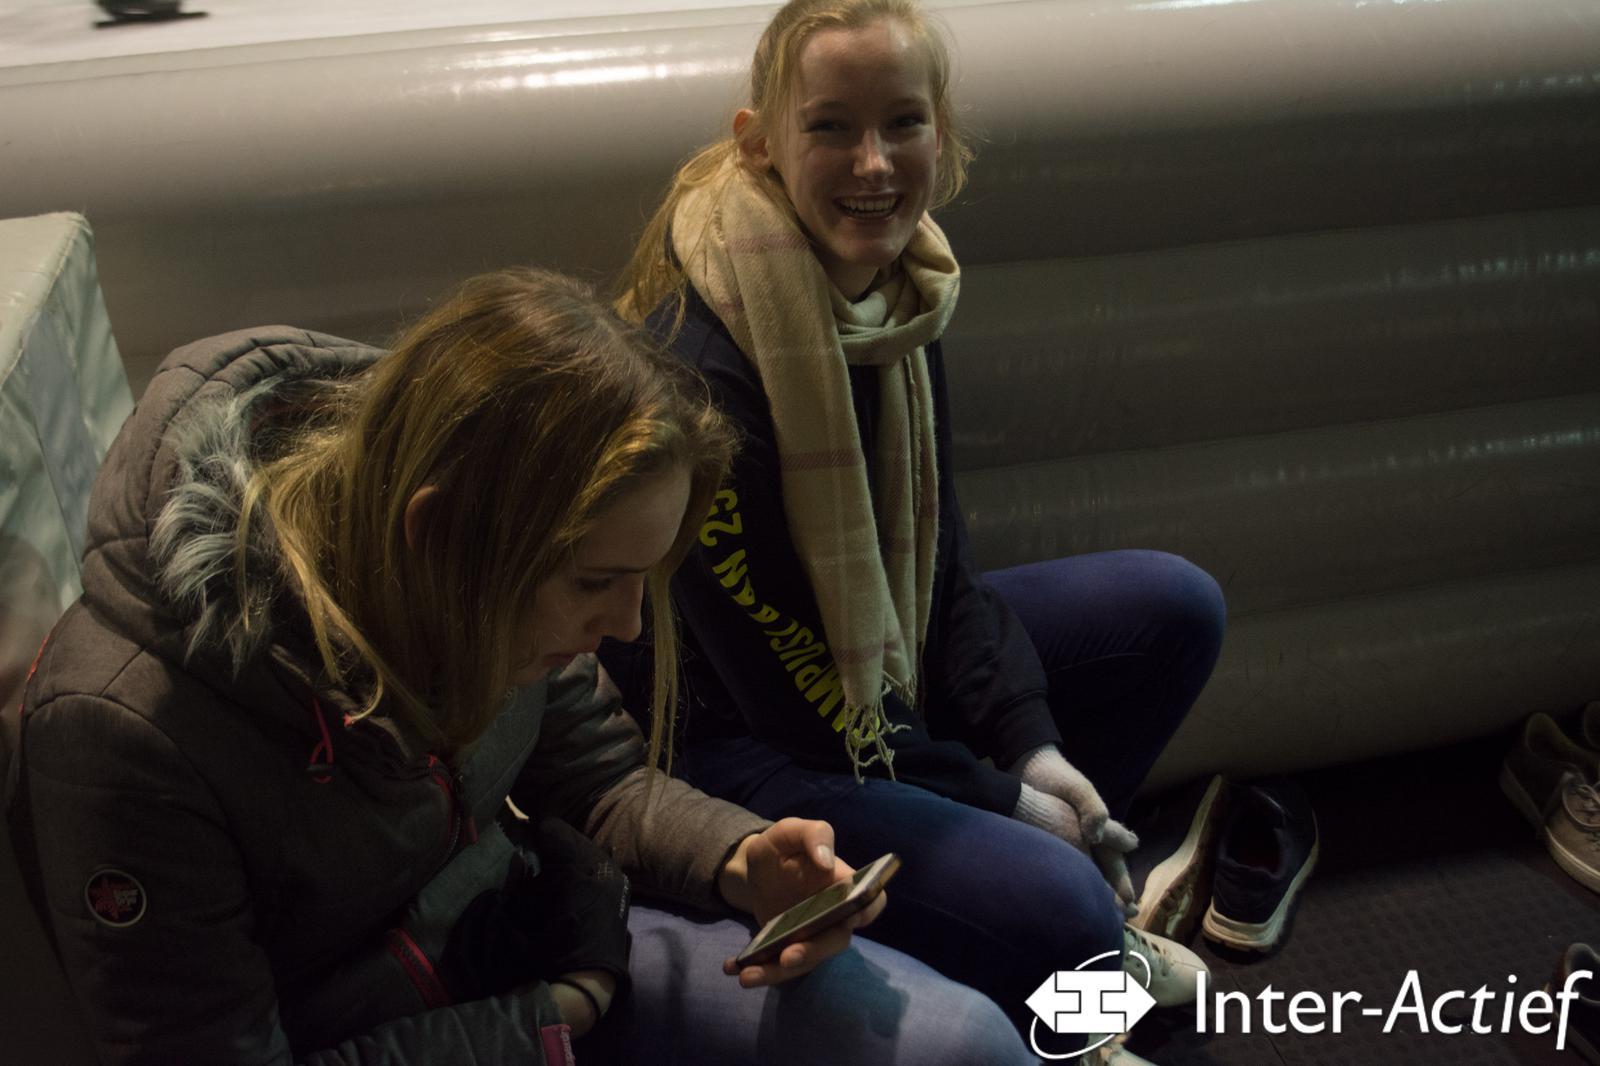 IceSkating20200116_NielsdeGroot-36.jpg